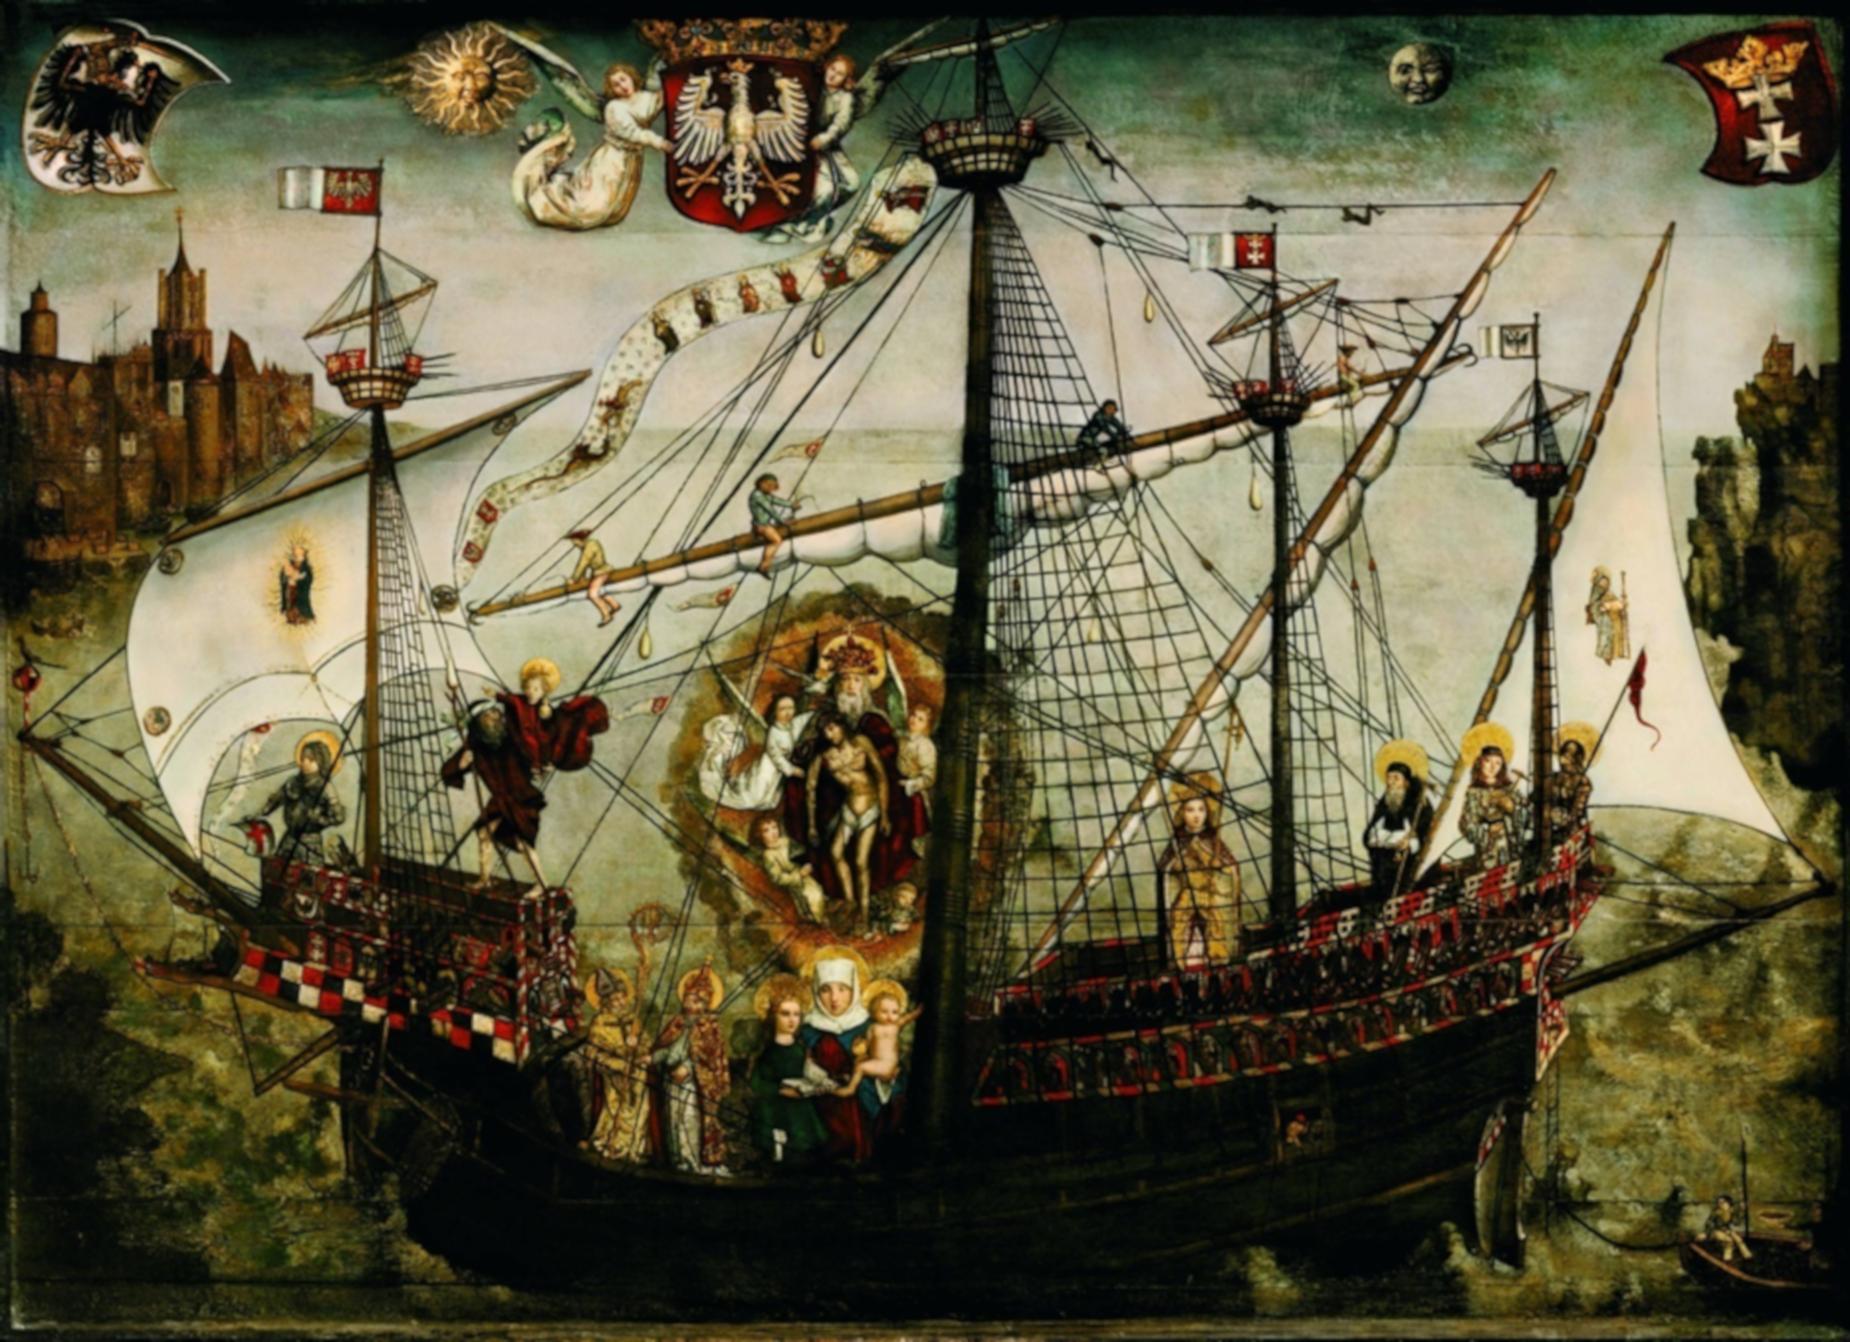 Średniowieczni gdańscy żeglarze i ich historia. Wykład w Akademii Gdańskiej